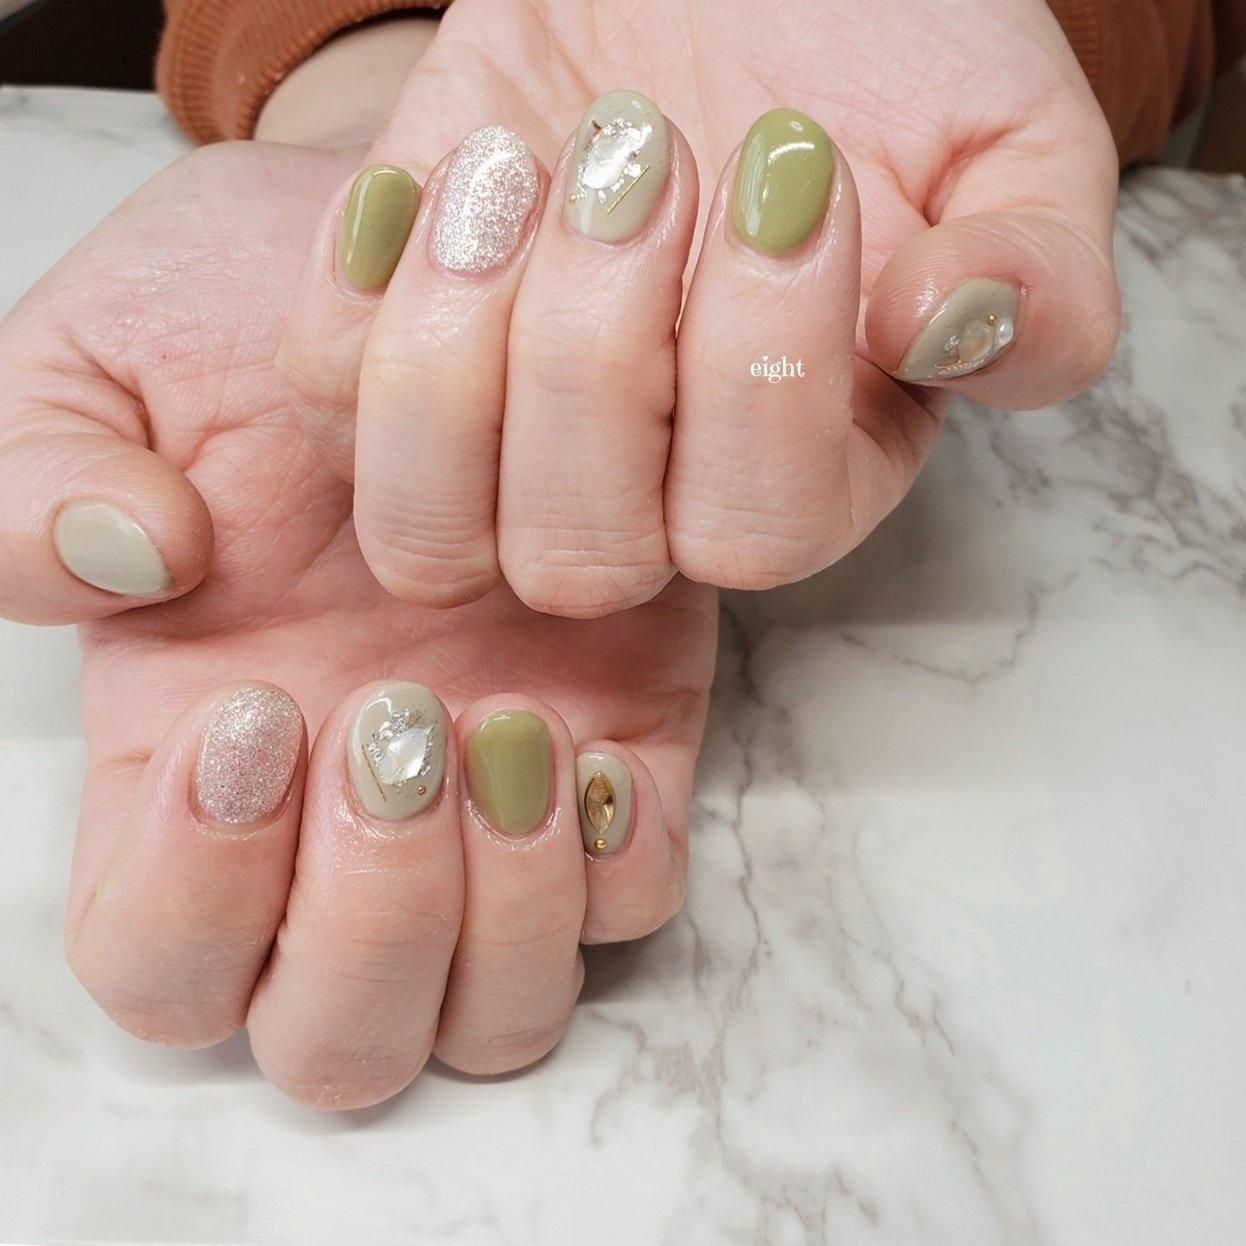 ミントグリーンが可愛すぎて🥺たまらない🙊  #和歌山市ネイル#お洒落ネイル#グリーンネイル#ショートネイル #Private nail salon eight #ネイルブック